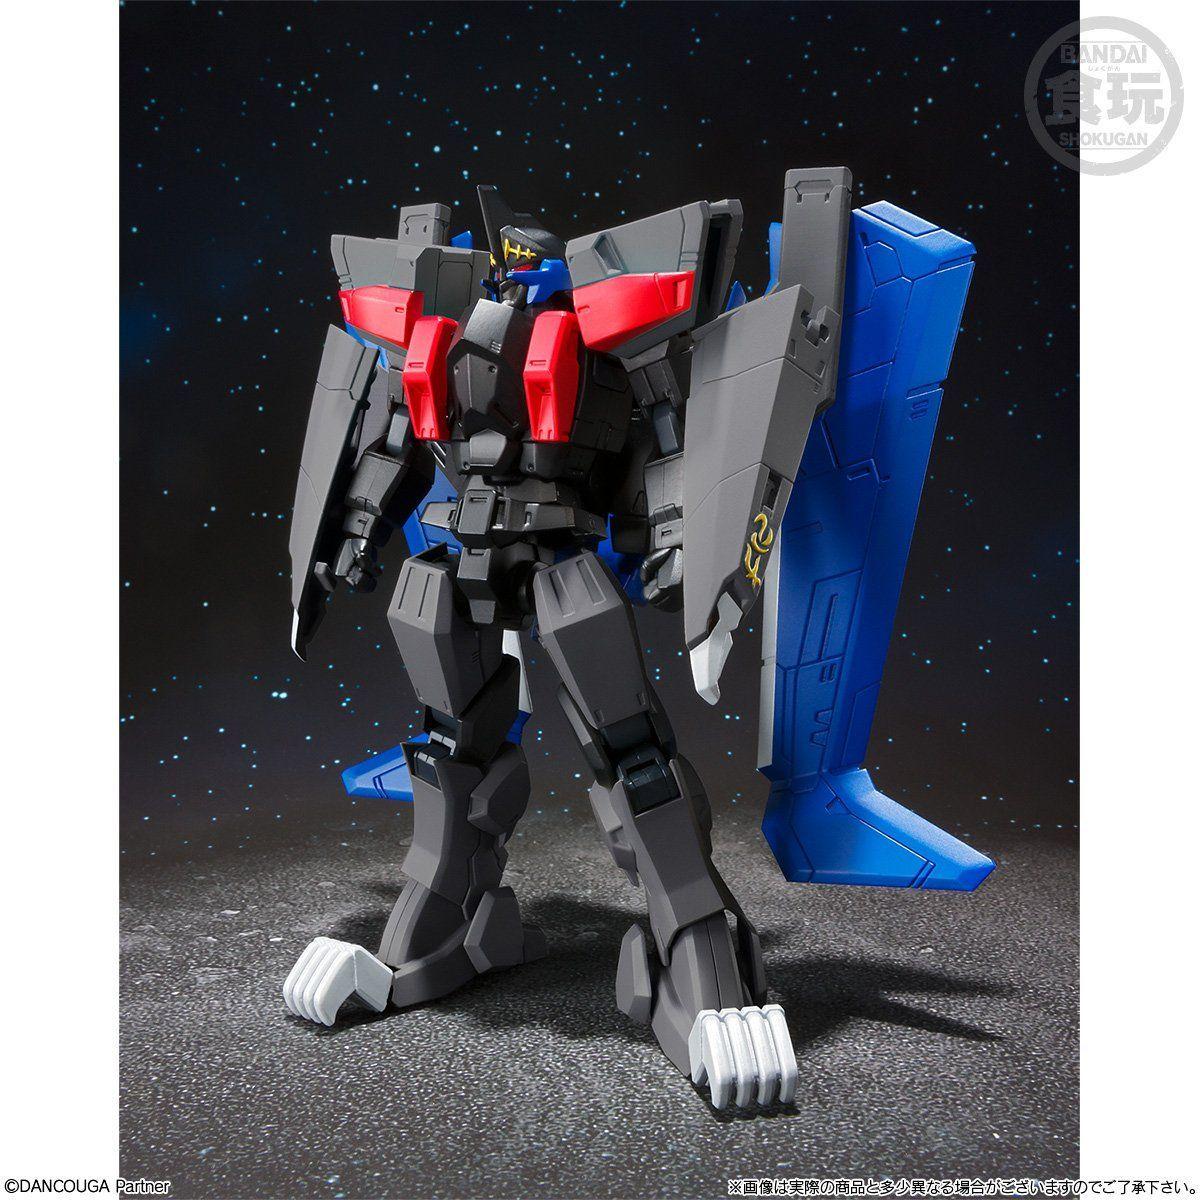 【限定販売】【食玩】スーパーミニプラ『ブラックウイング』超獣機神ダンクーガ  プラモデル-002